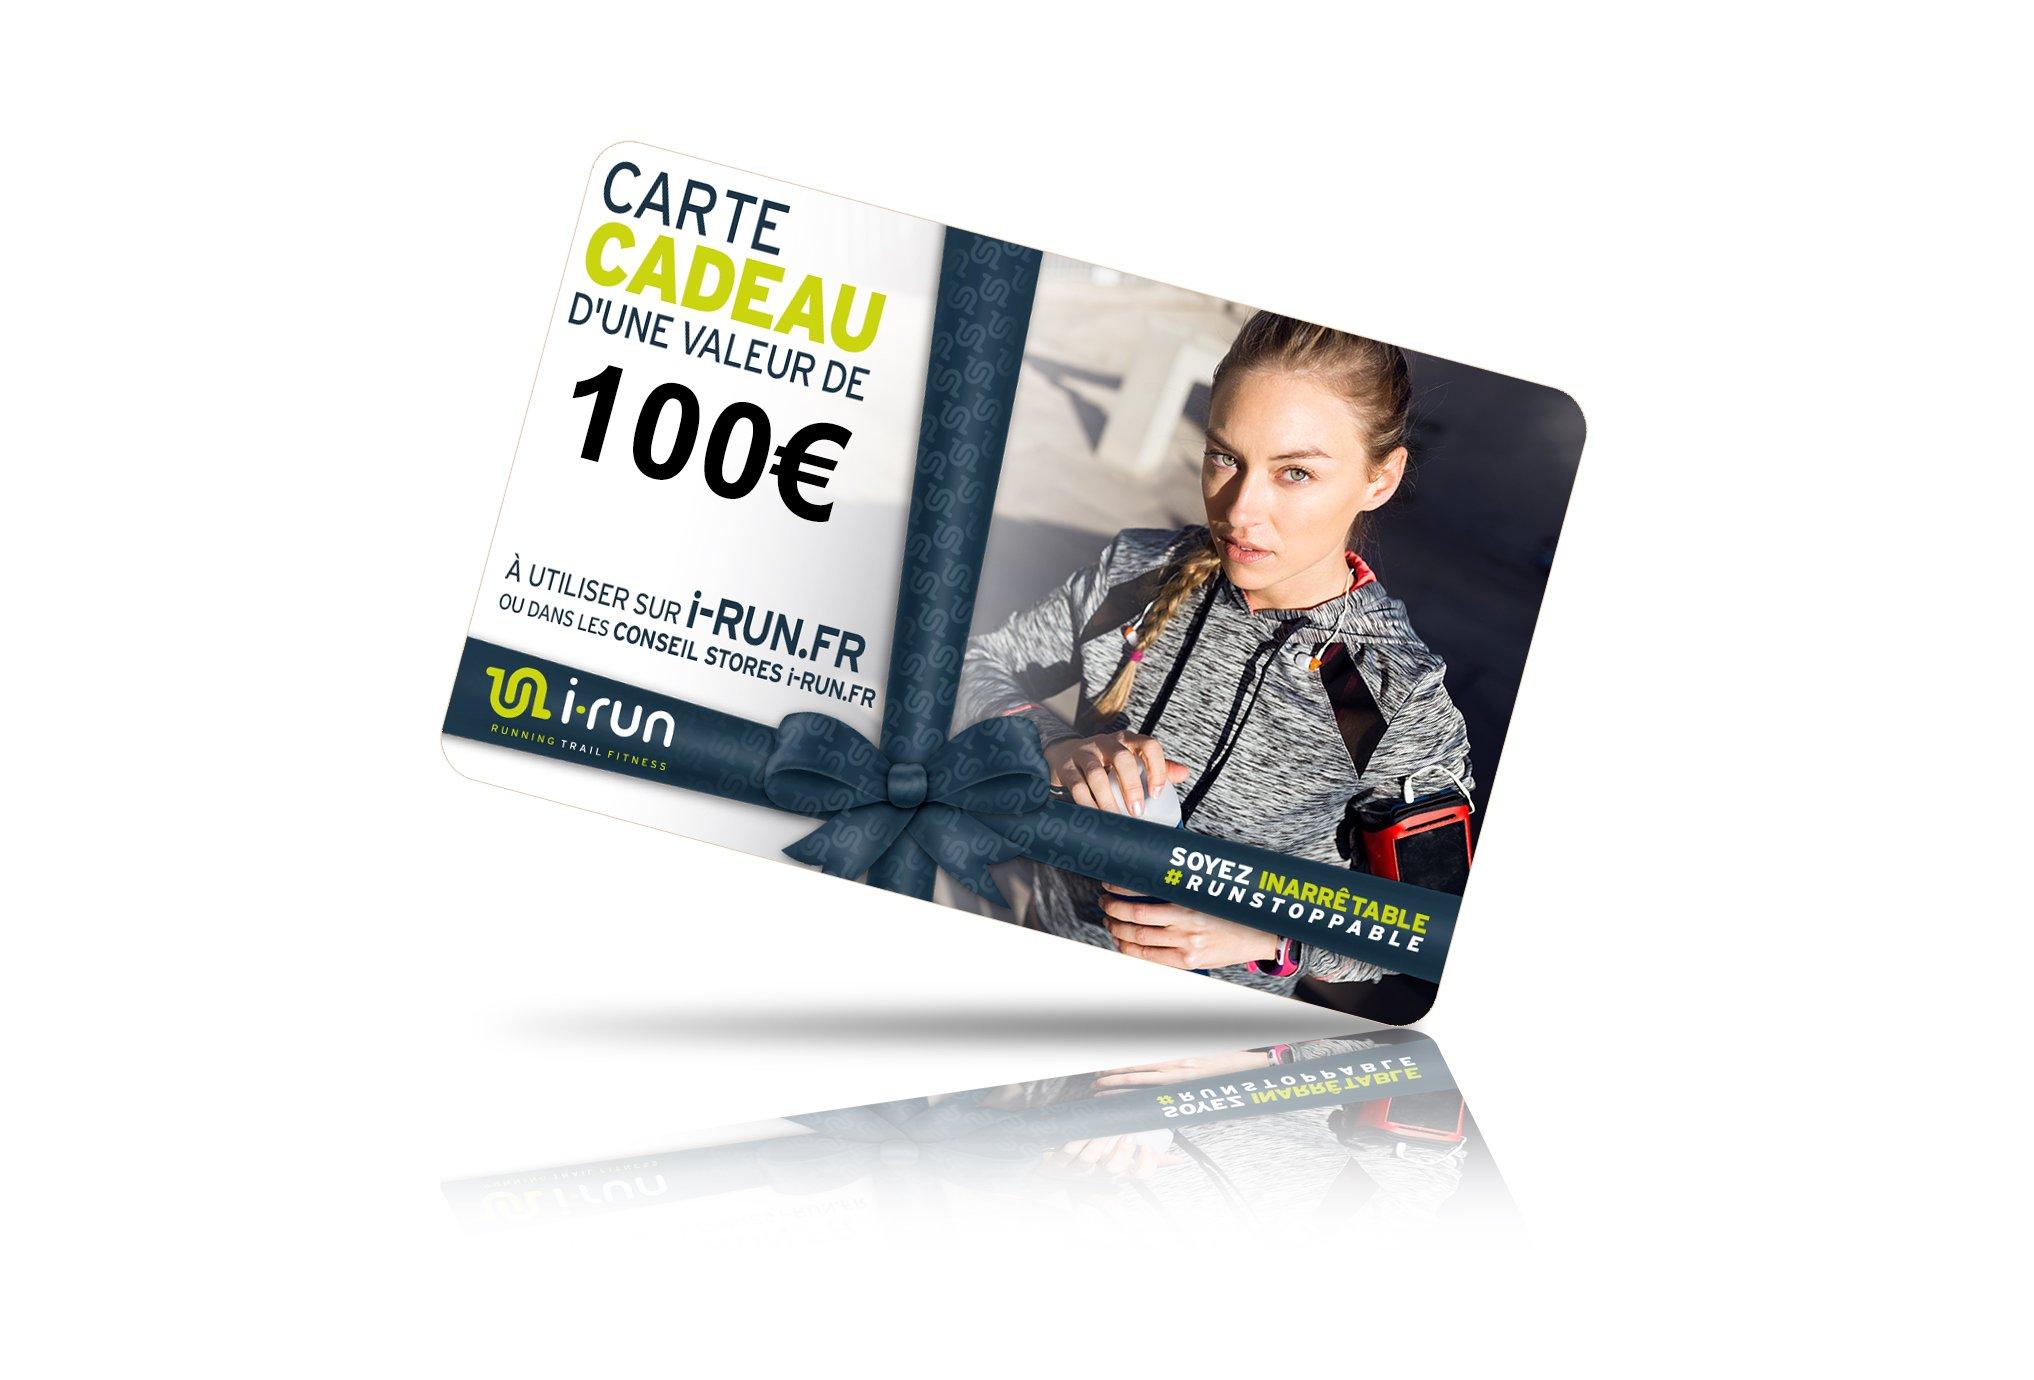 I-Run.Fr Carte cadeau 100 w cartes cadeau